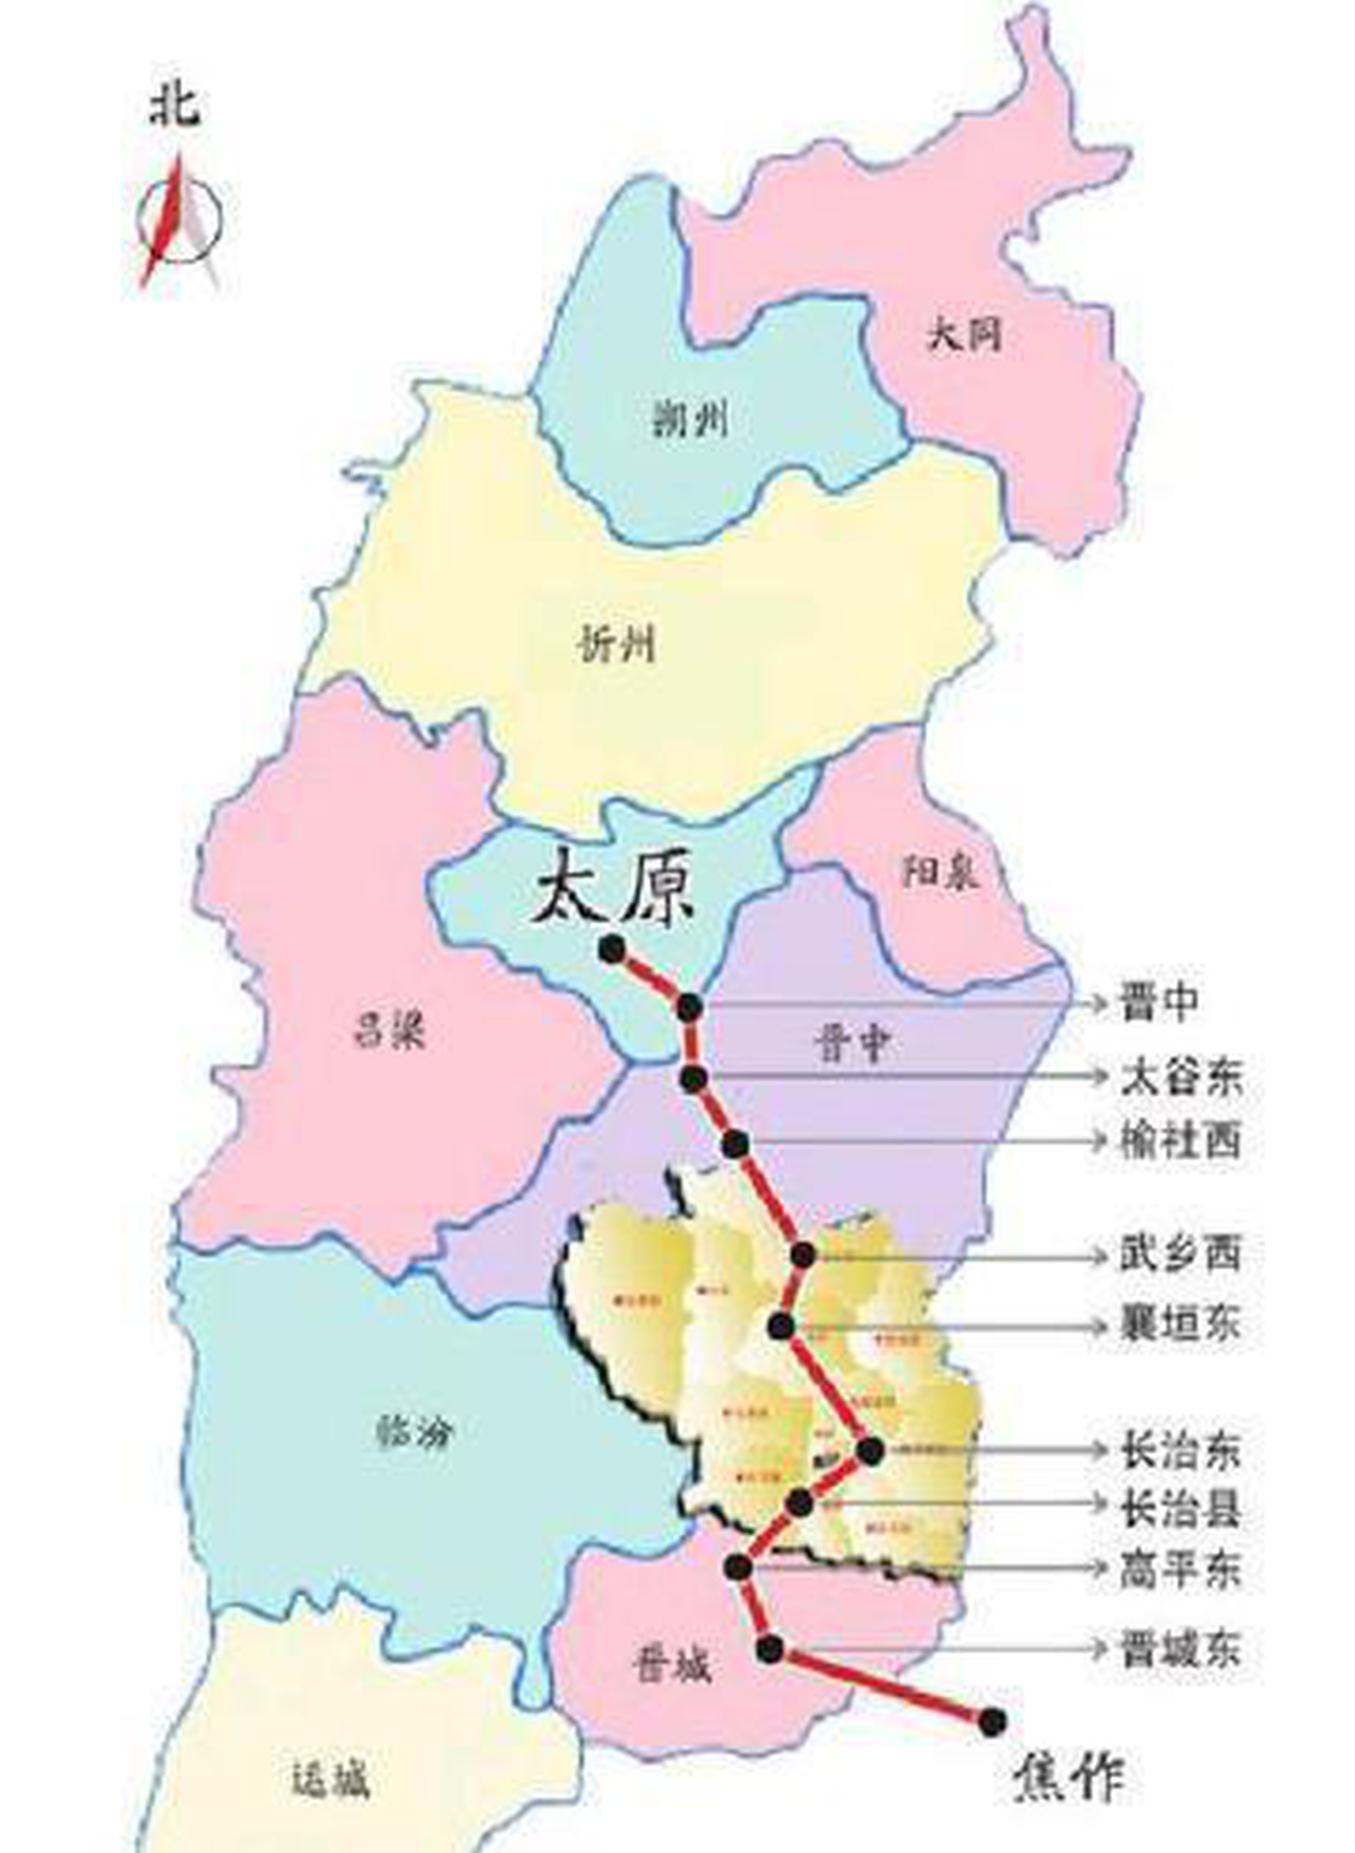 太郑高铁迎来开通倒计时 预计下月正式通车